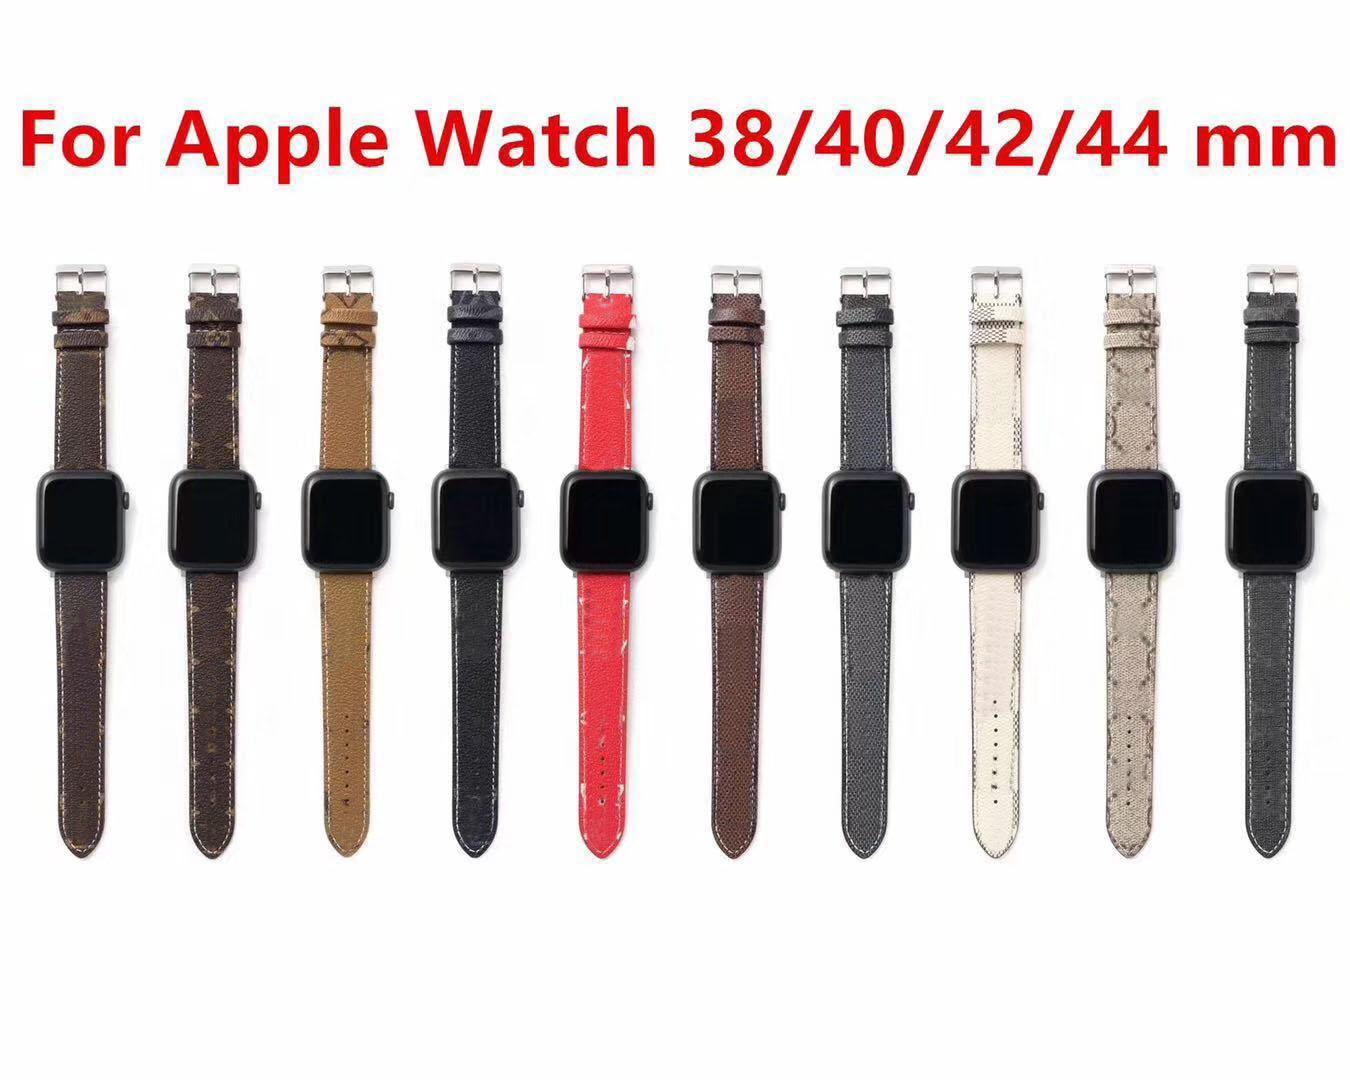 مصمم Watchbands الجلود ل أبل ووتش الفرقة 38 ملليمتر 40 ملليمتر 42 ملليمتر 44 ملليمتر ل iwatch العصابات العصرية استبدال حزام سوار الأزياء المشارب